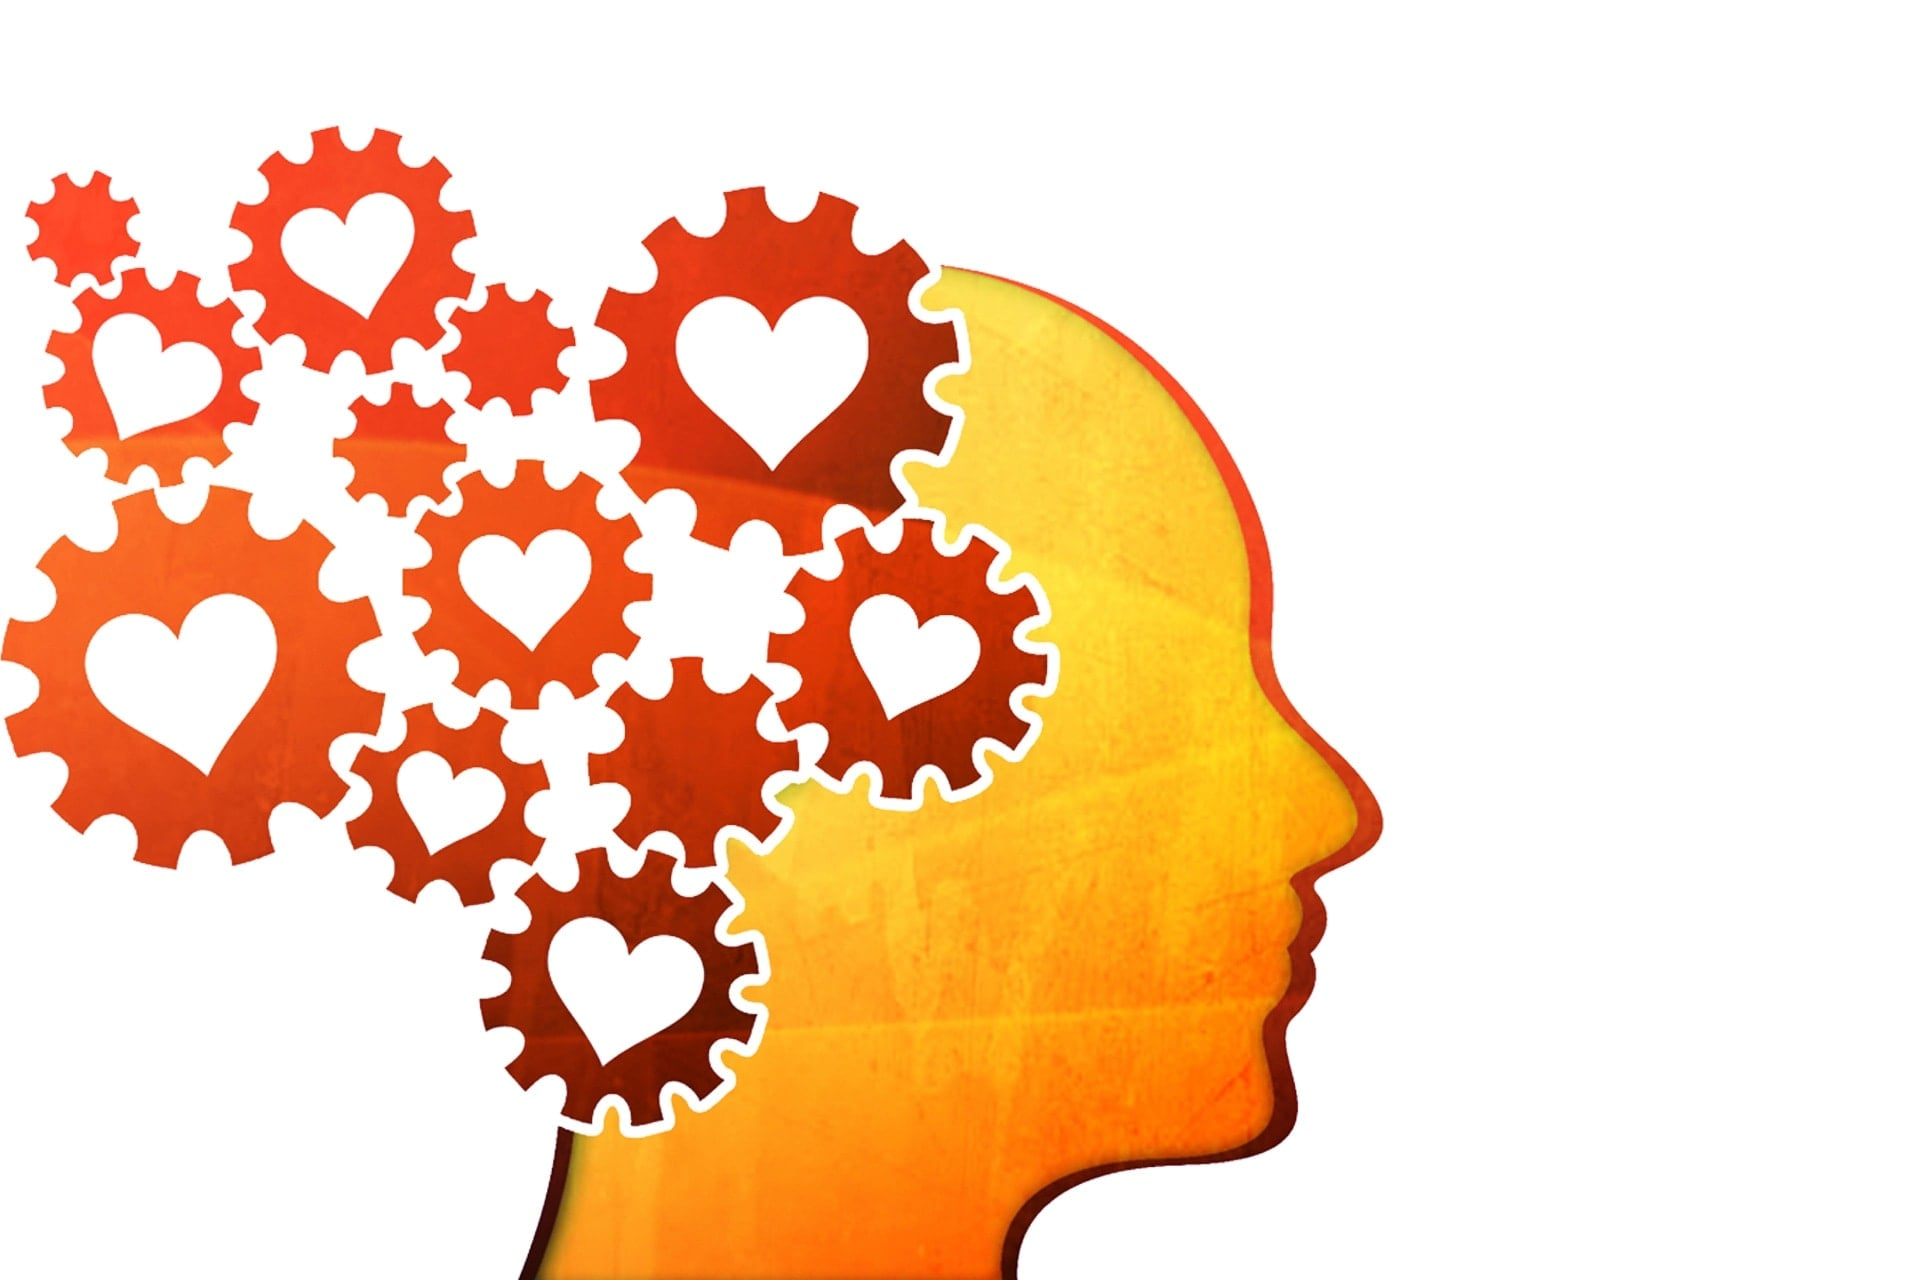 Kopf mit Herz und Zahnrad Icons zur Altenpflegeausbildung bei der ToP GbR